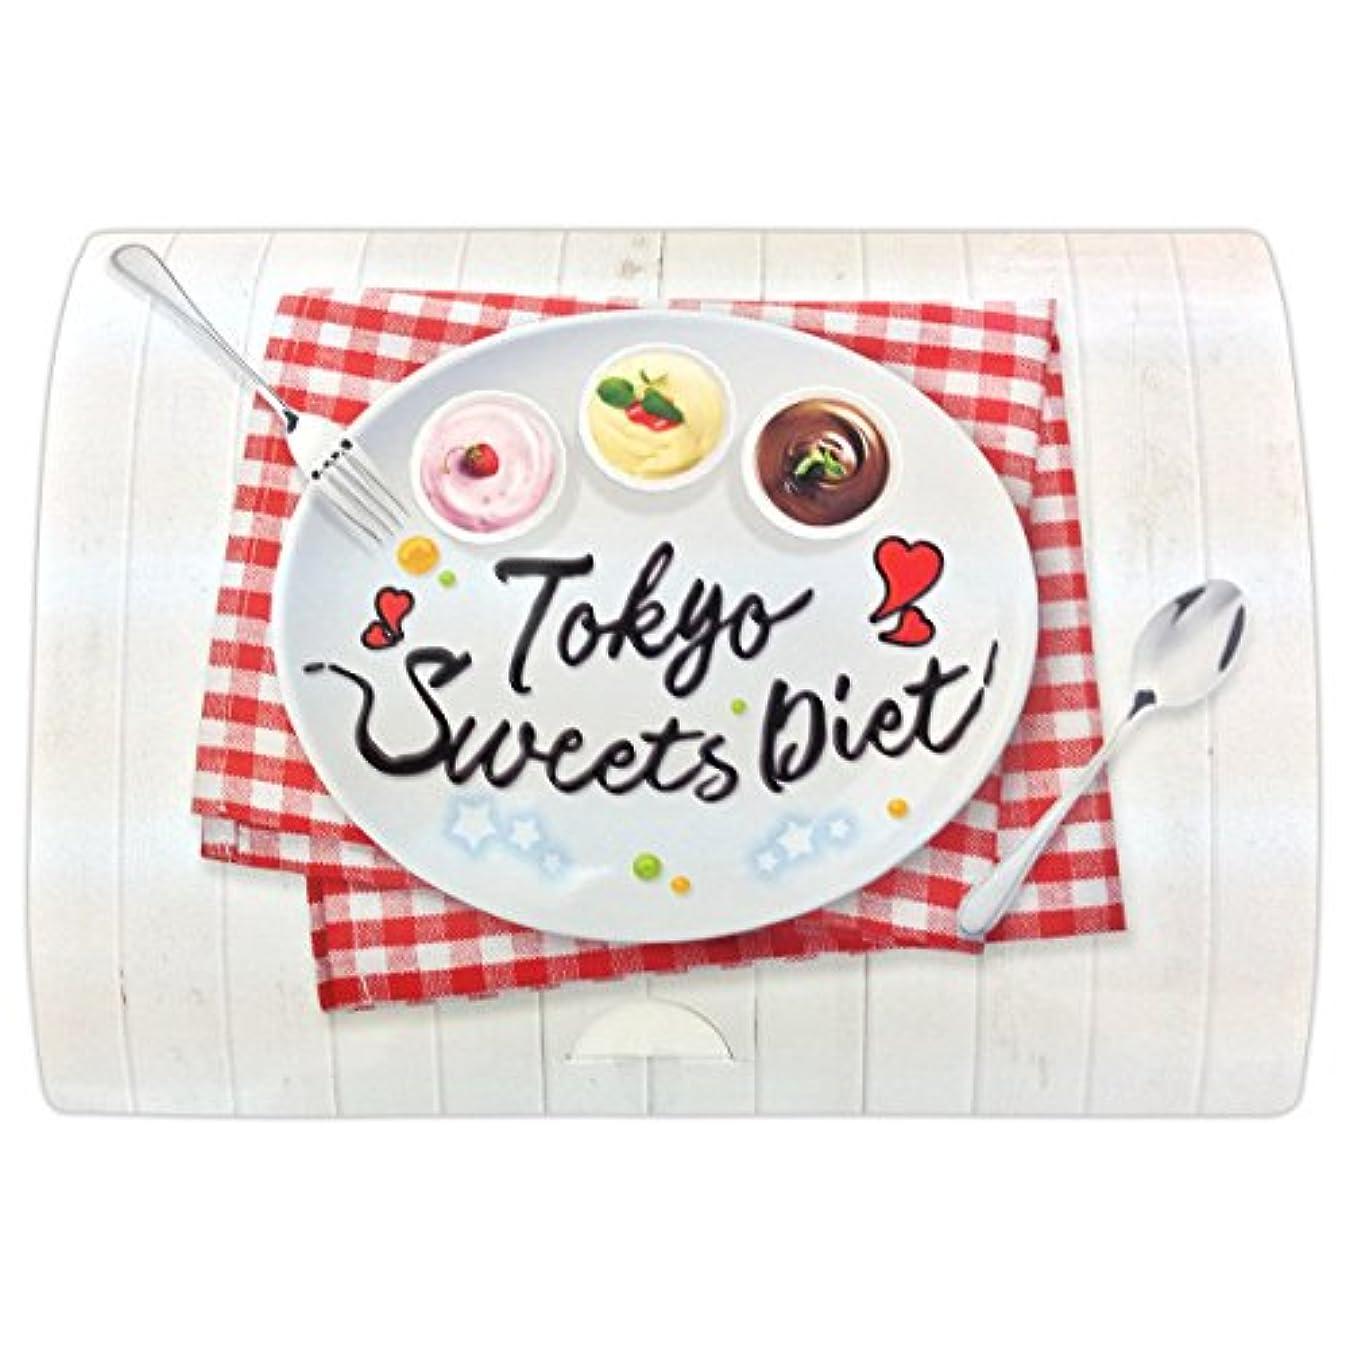 輝度密輸残りIDEA TOKYOスイーツダイエット 置き換えダイエットスイーツ 15食(1包:15g) ストロベリー味 チョコレート味 プリン味